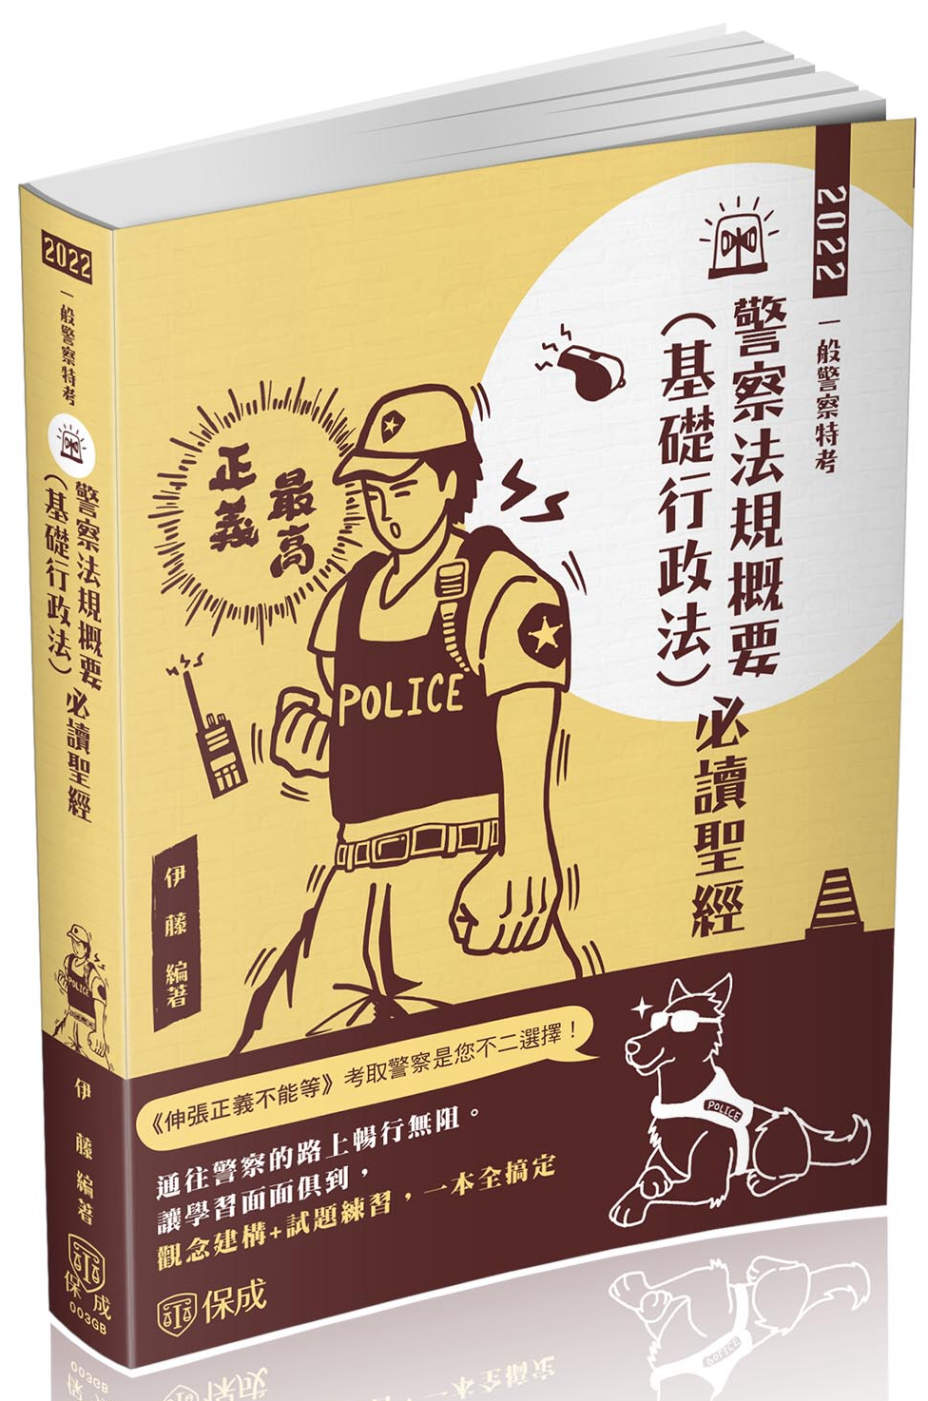 警察法規概要(基礎行政法)必讀...